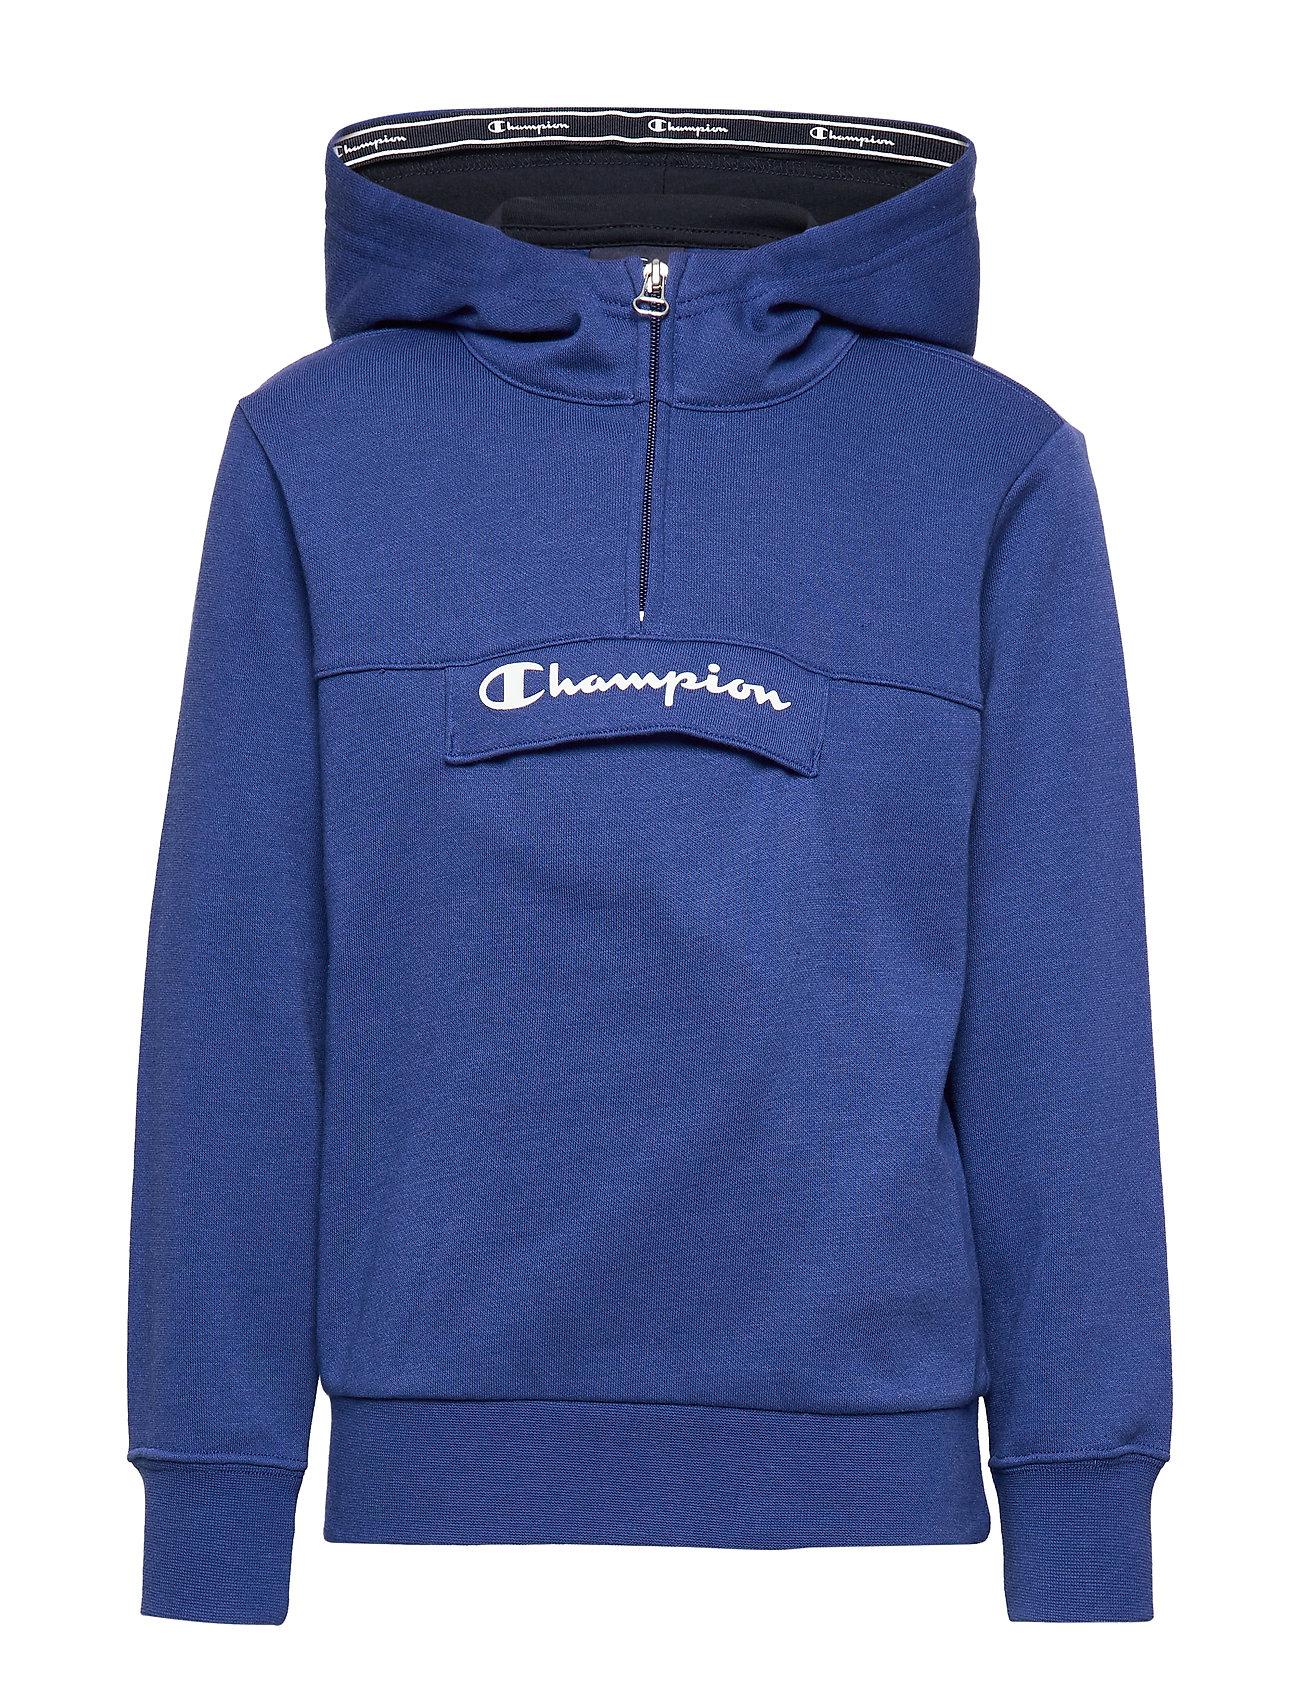 Champion Half Zip Hooded Sweatshirt - MAZARINE BLUE